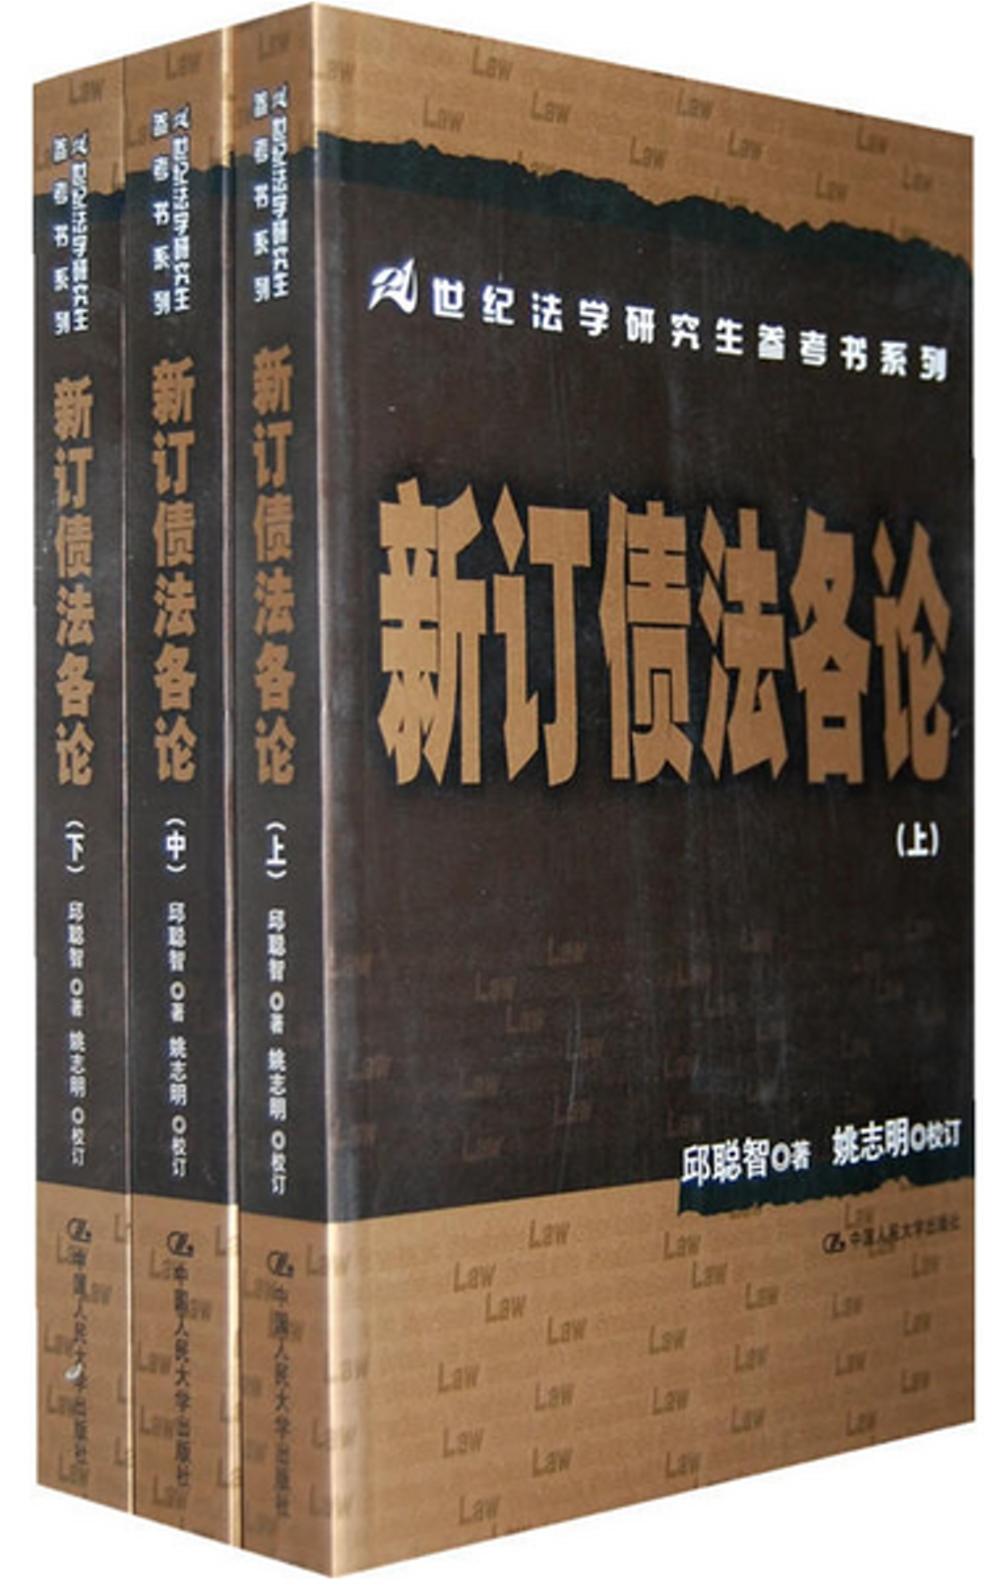 21世紀法學研究生參考書系列.新訂債法各論(上中下)